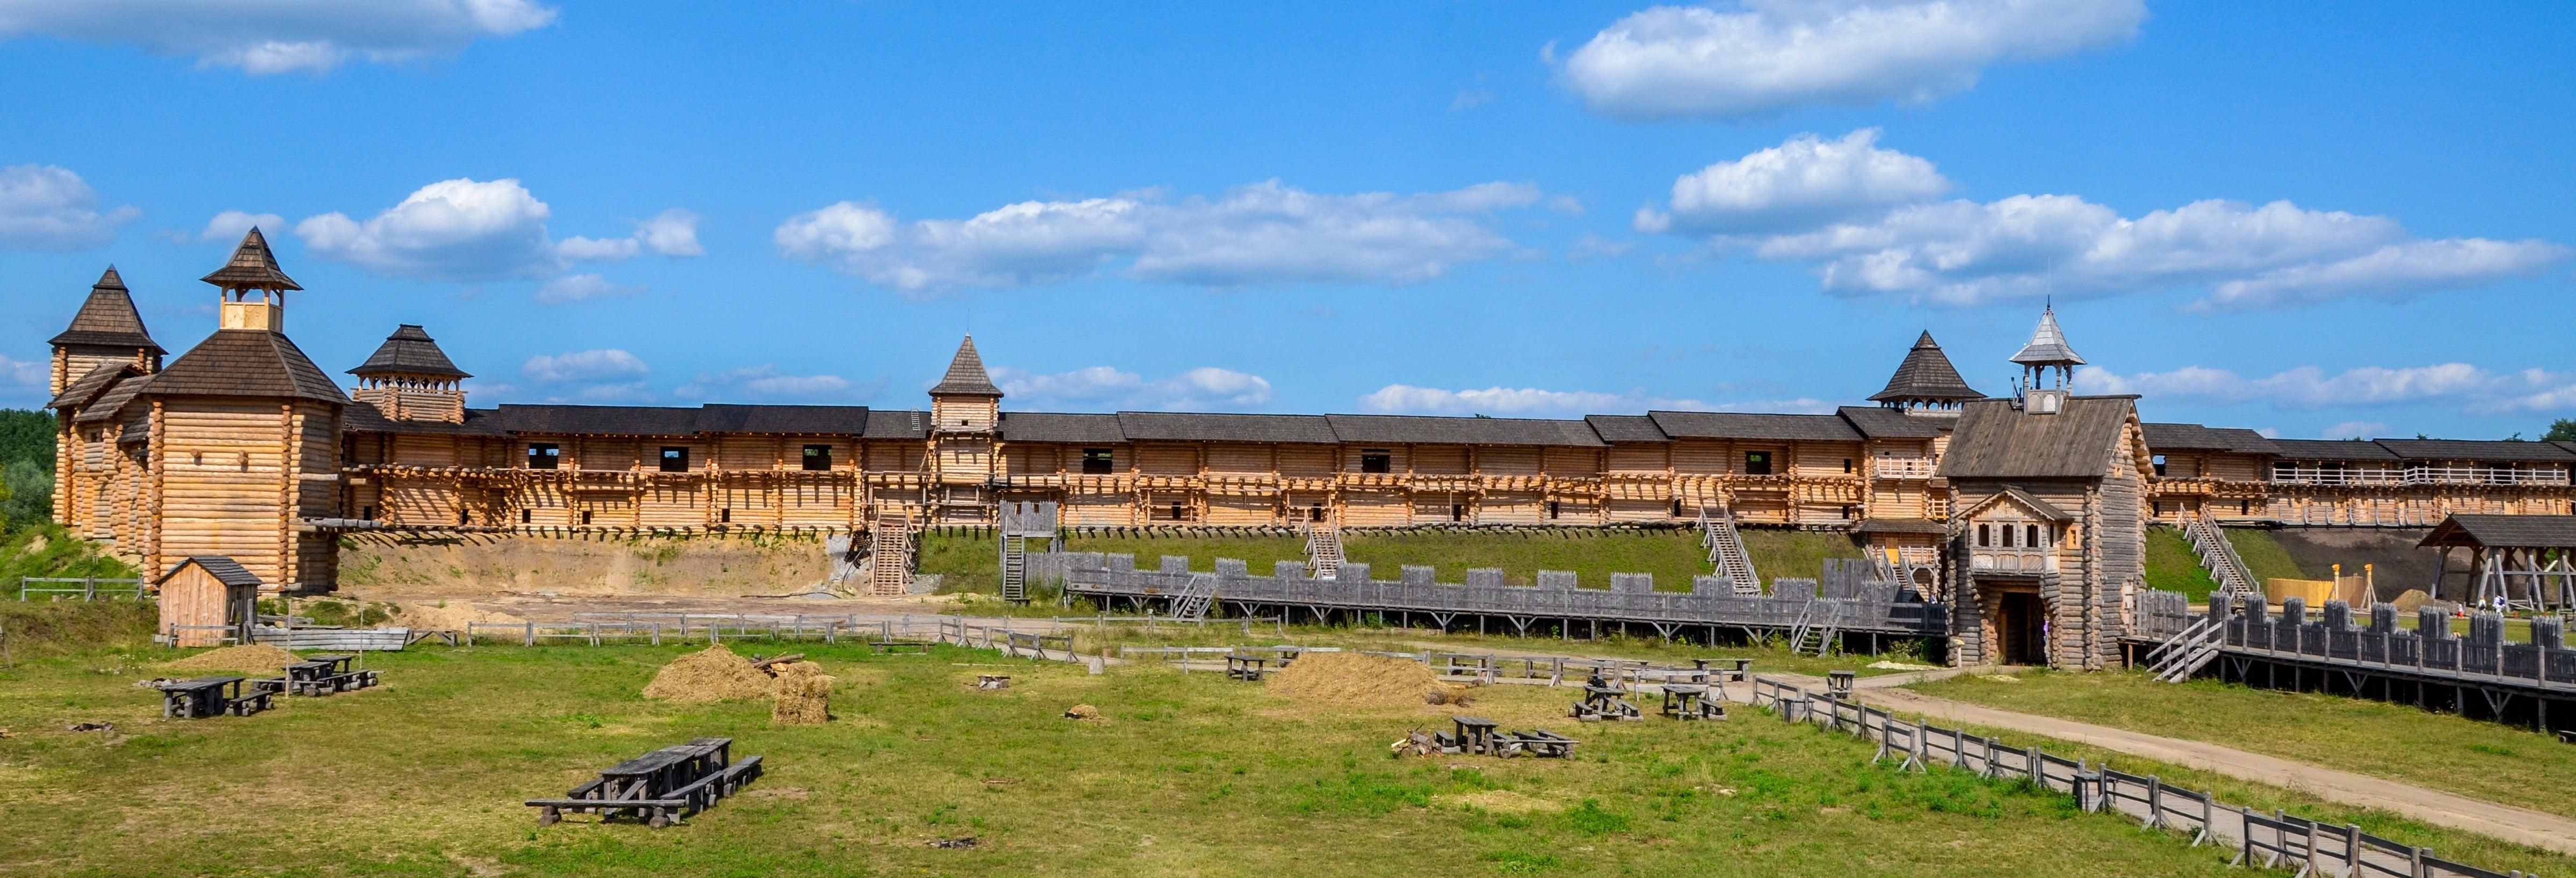 Excursão privada ao Kyivan Rus Park